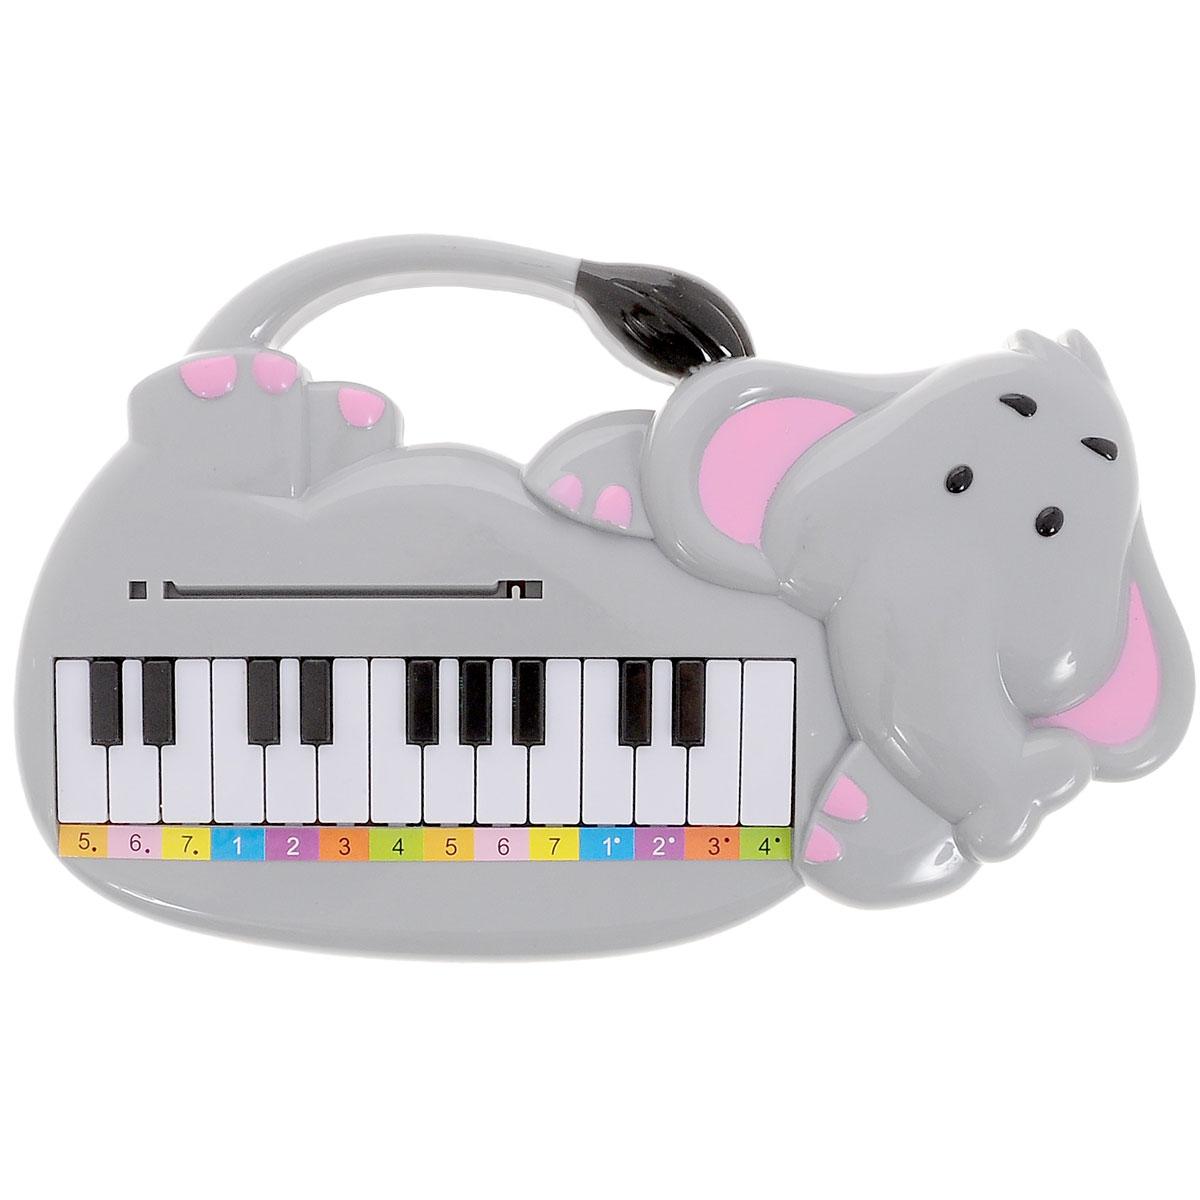 Тилибом Музыкальная игрушка Пианино-слоникТ56830Музыкальная игрушка Пианино-слоник обязательно понравится юному музыканту. С этой игрушкой малыш будет петь и учиться играть с помощью карточек три детские песенки. br>Игрушка развивает слуховое восприятие, память и внимание. Порадуйте начинающего музыканта таким замечательным подарком! Необходимо докупить 2батарейки типа AA напряжением 1,5V (в комплект не входят).